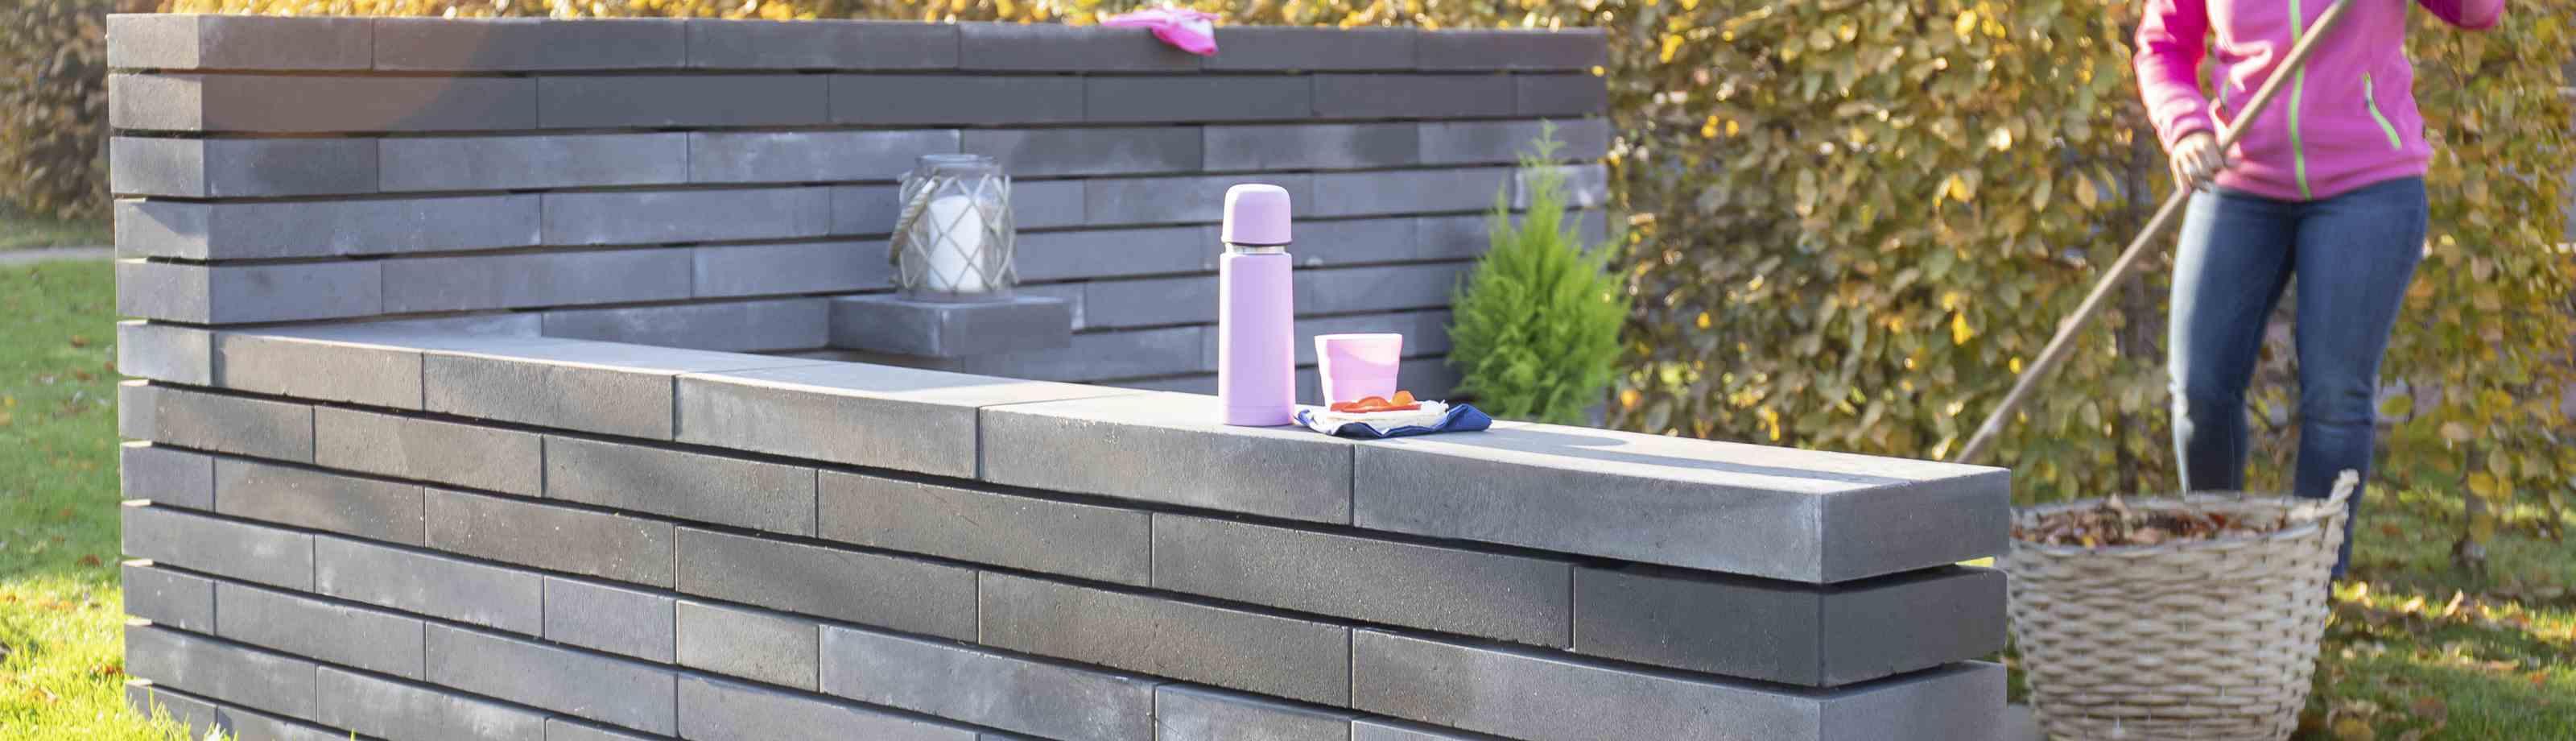 Benders — Svenska byggprodukter i betong och granit